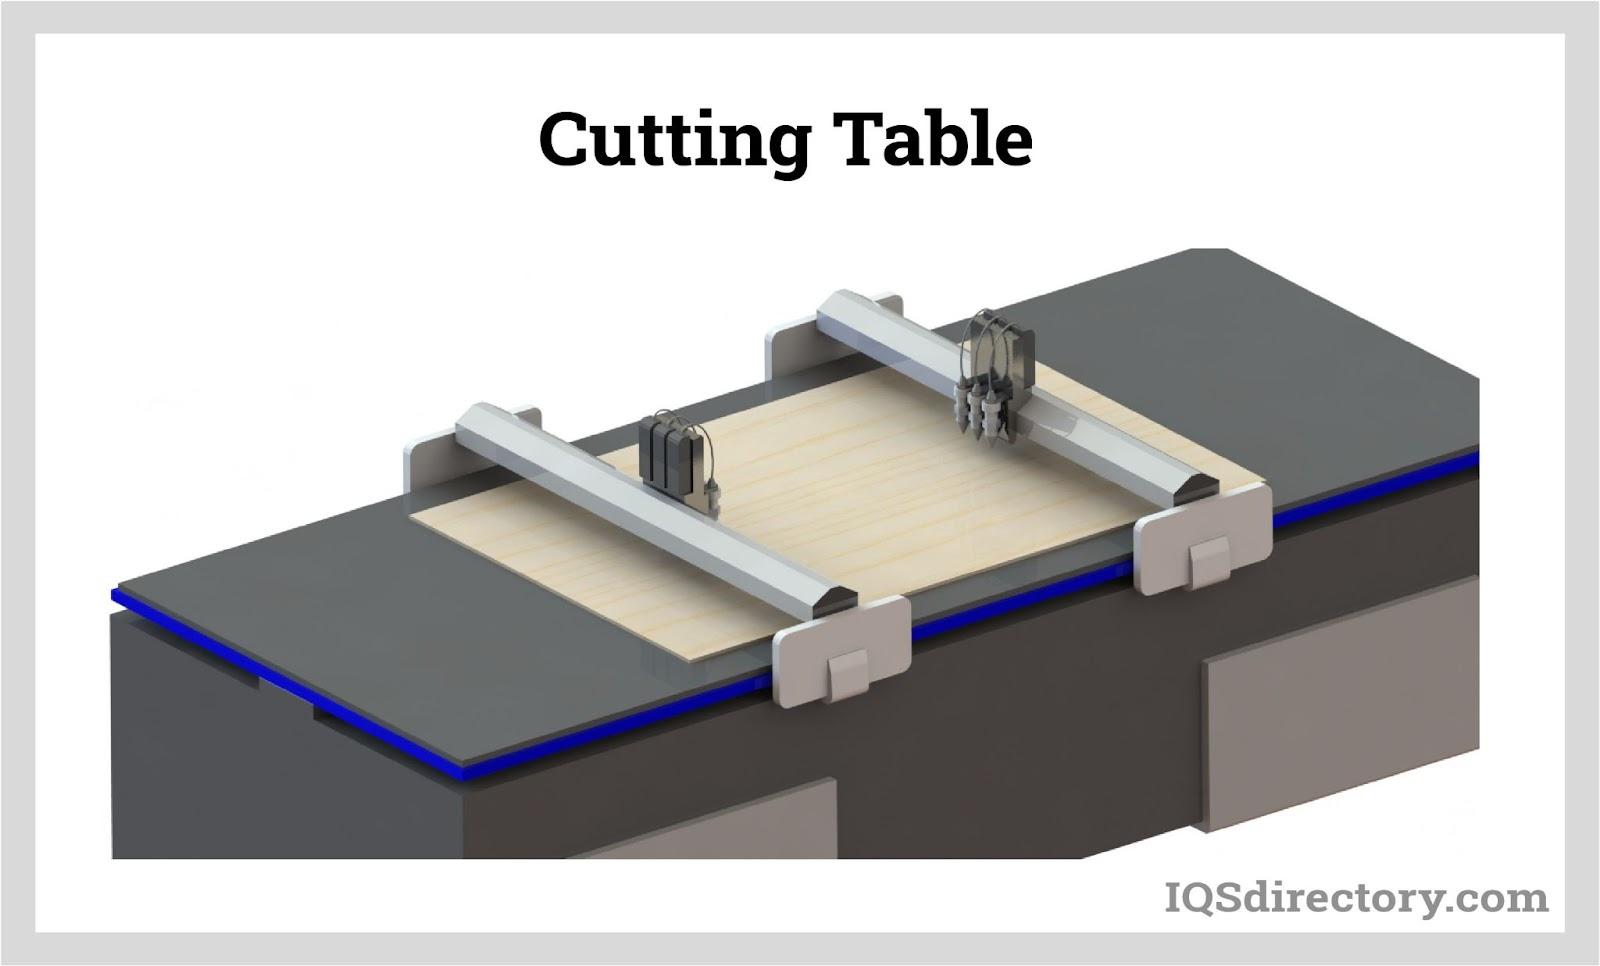 Cutting Tablel